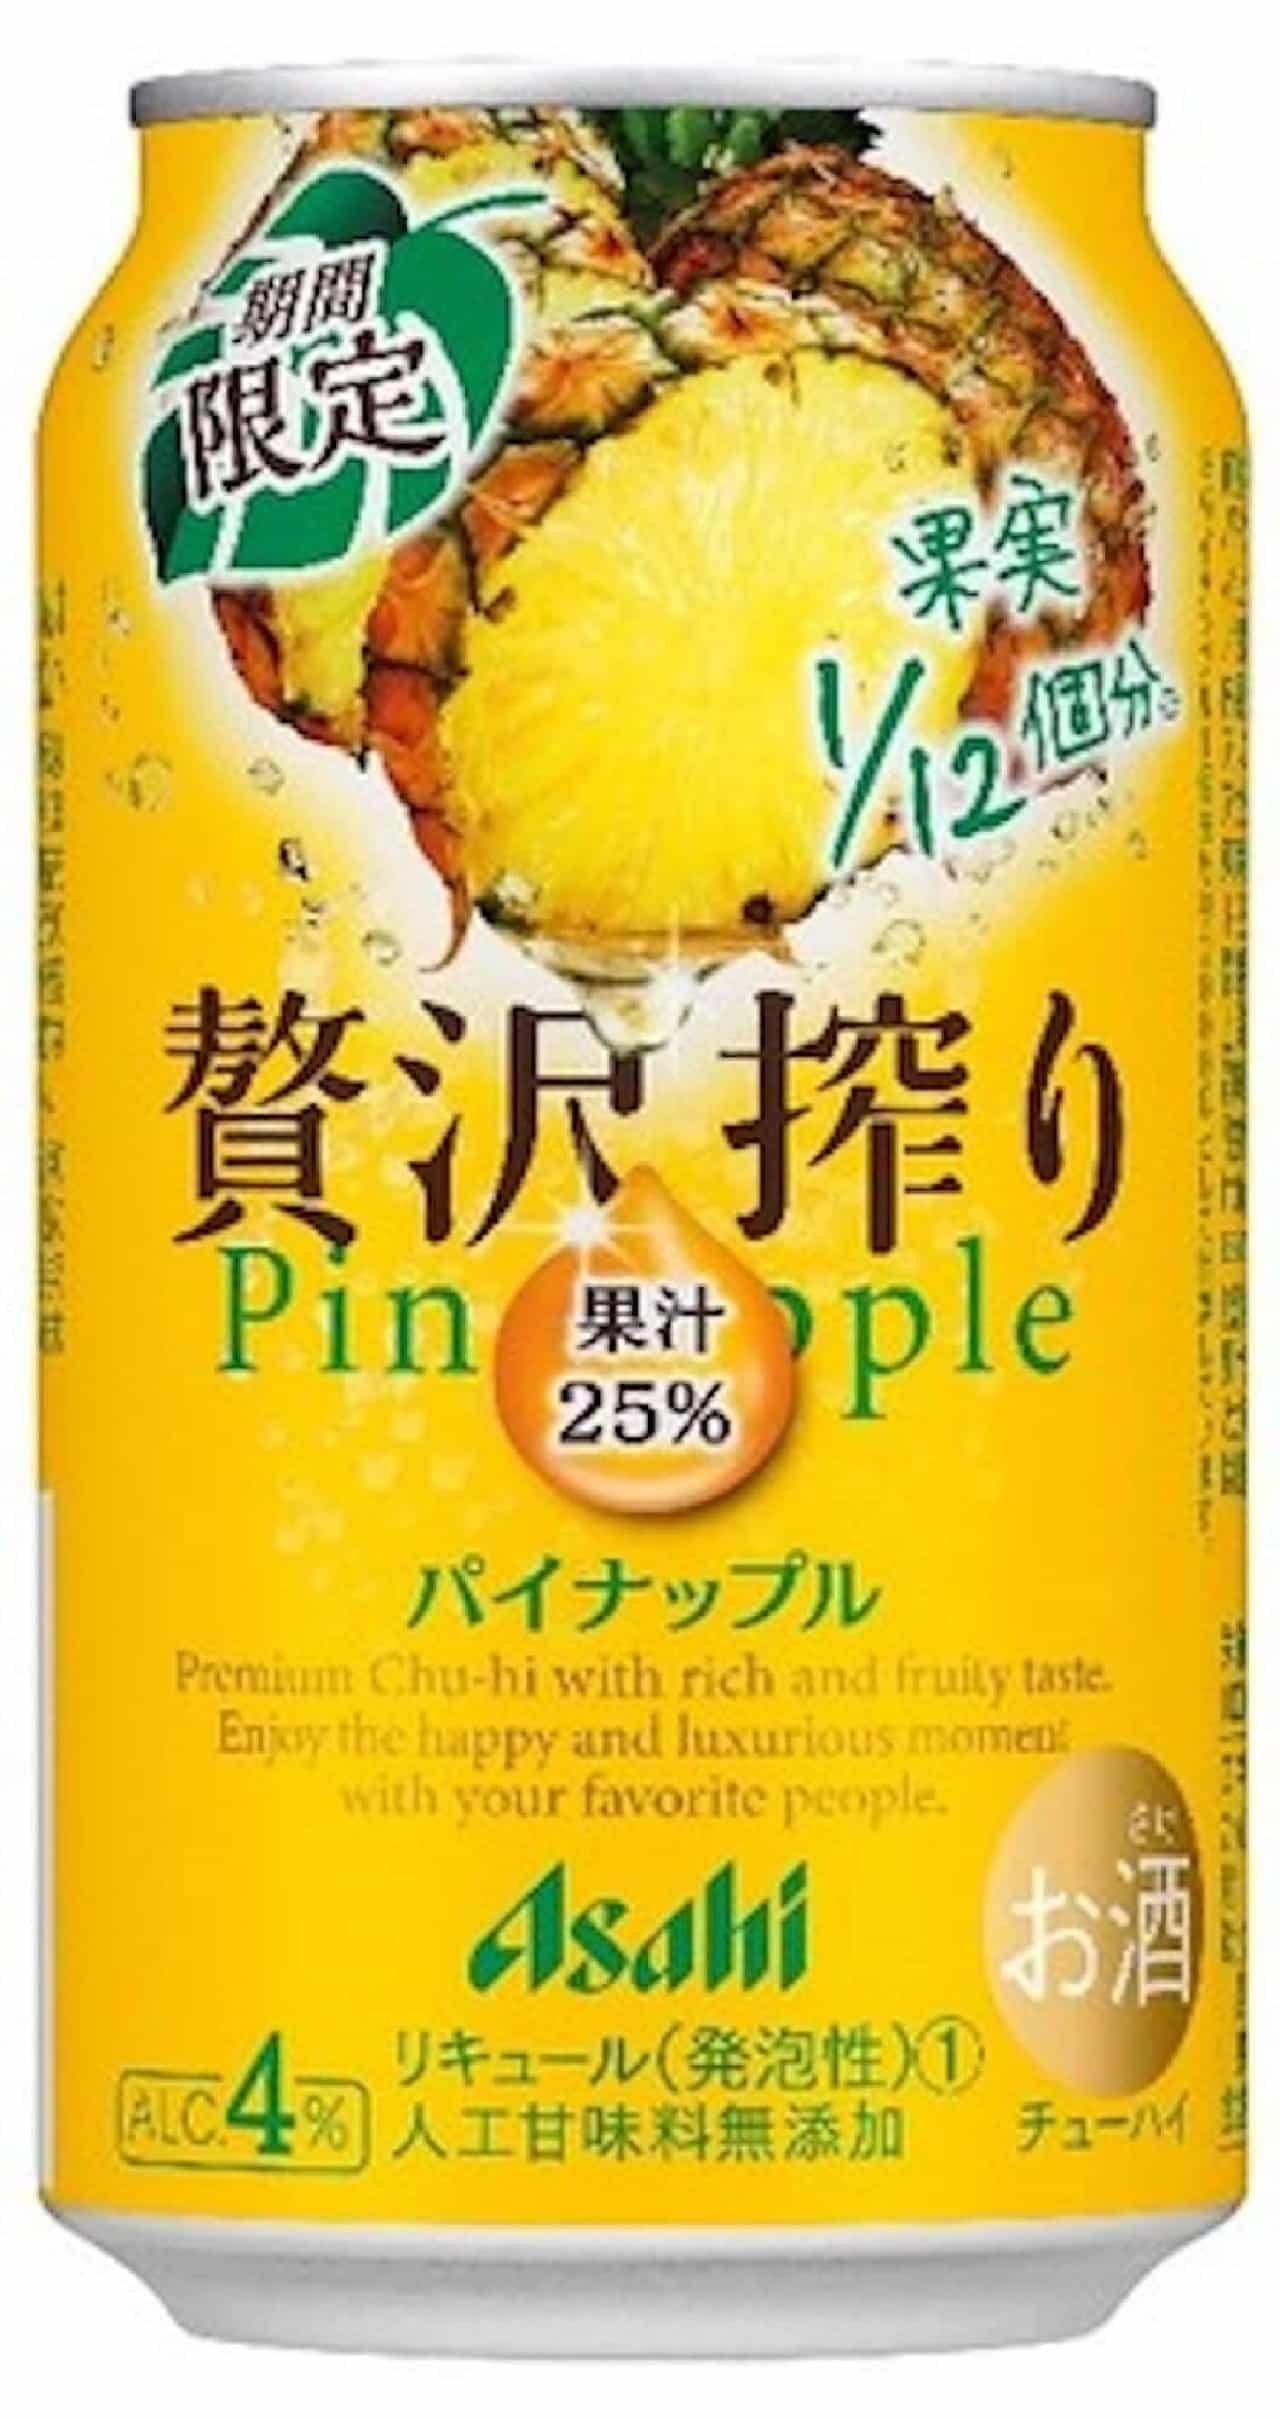 「アサヒ贅沢搾り期間限定パイナップル」キャンペーン限定品として好評だった商品が登場